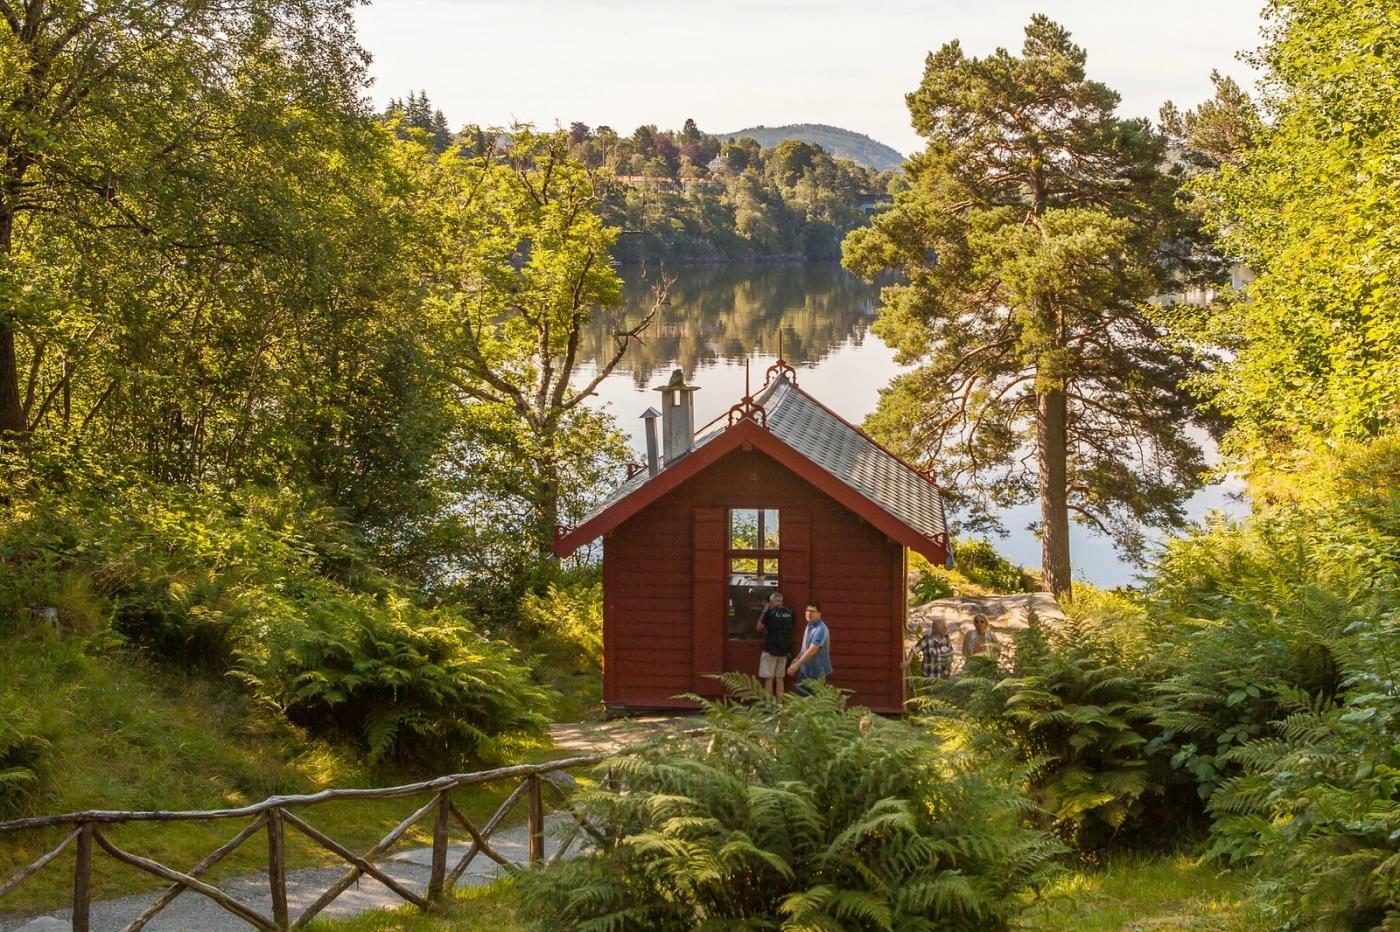 挪威作曲家爱德华-格里格,故居环境很漂亮_图1-12